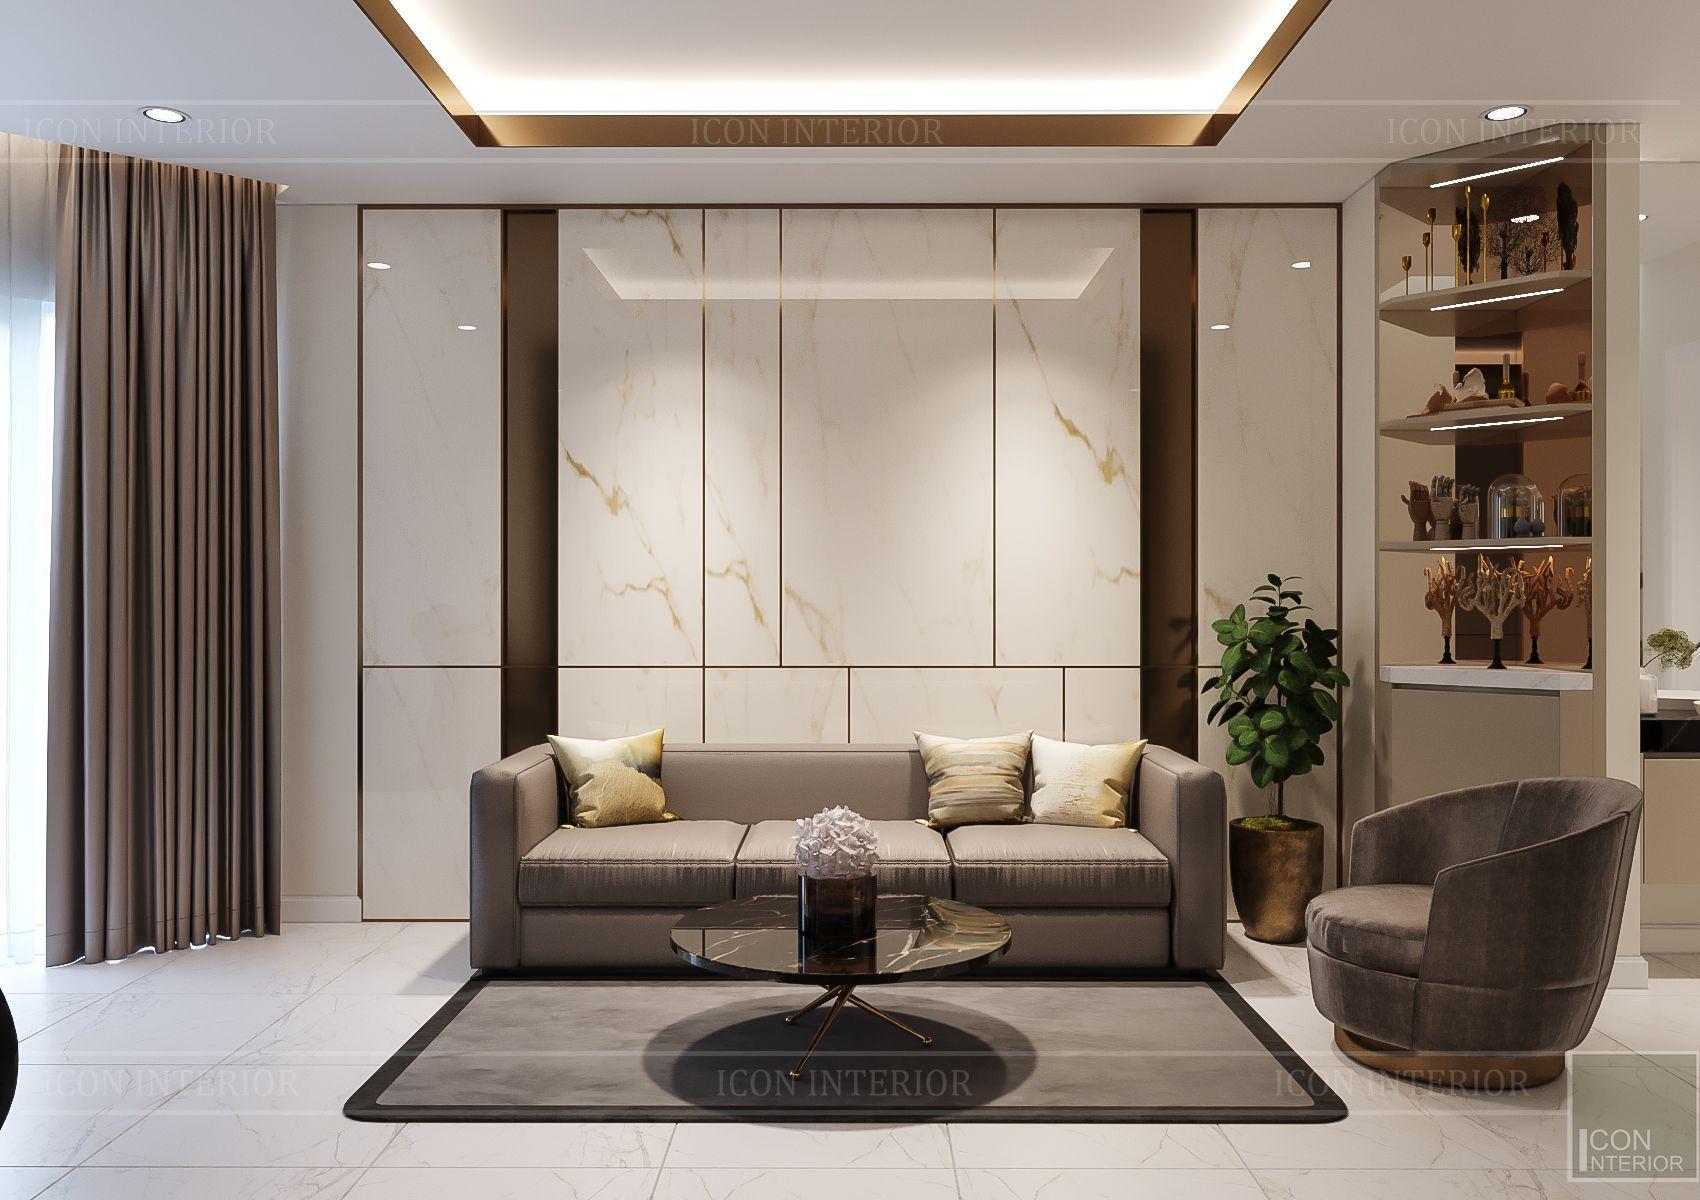 thiết kế nội thất nhà phố hiện đại - phòng khách 2